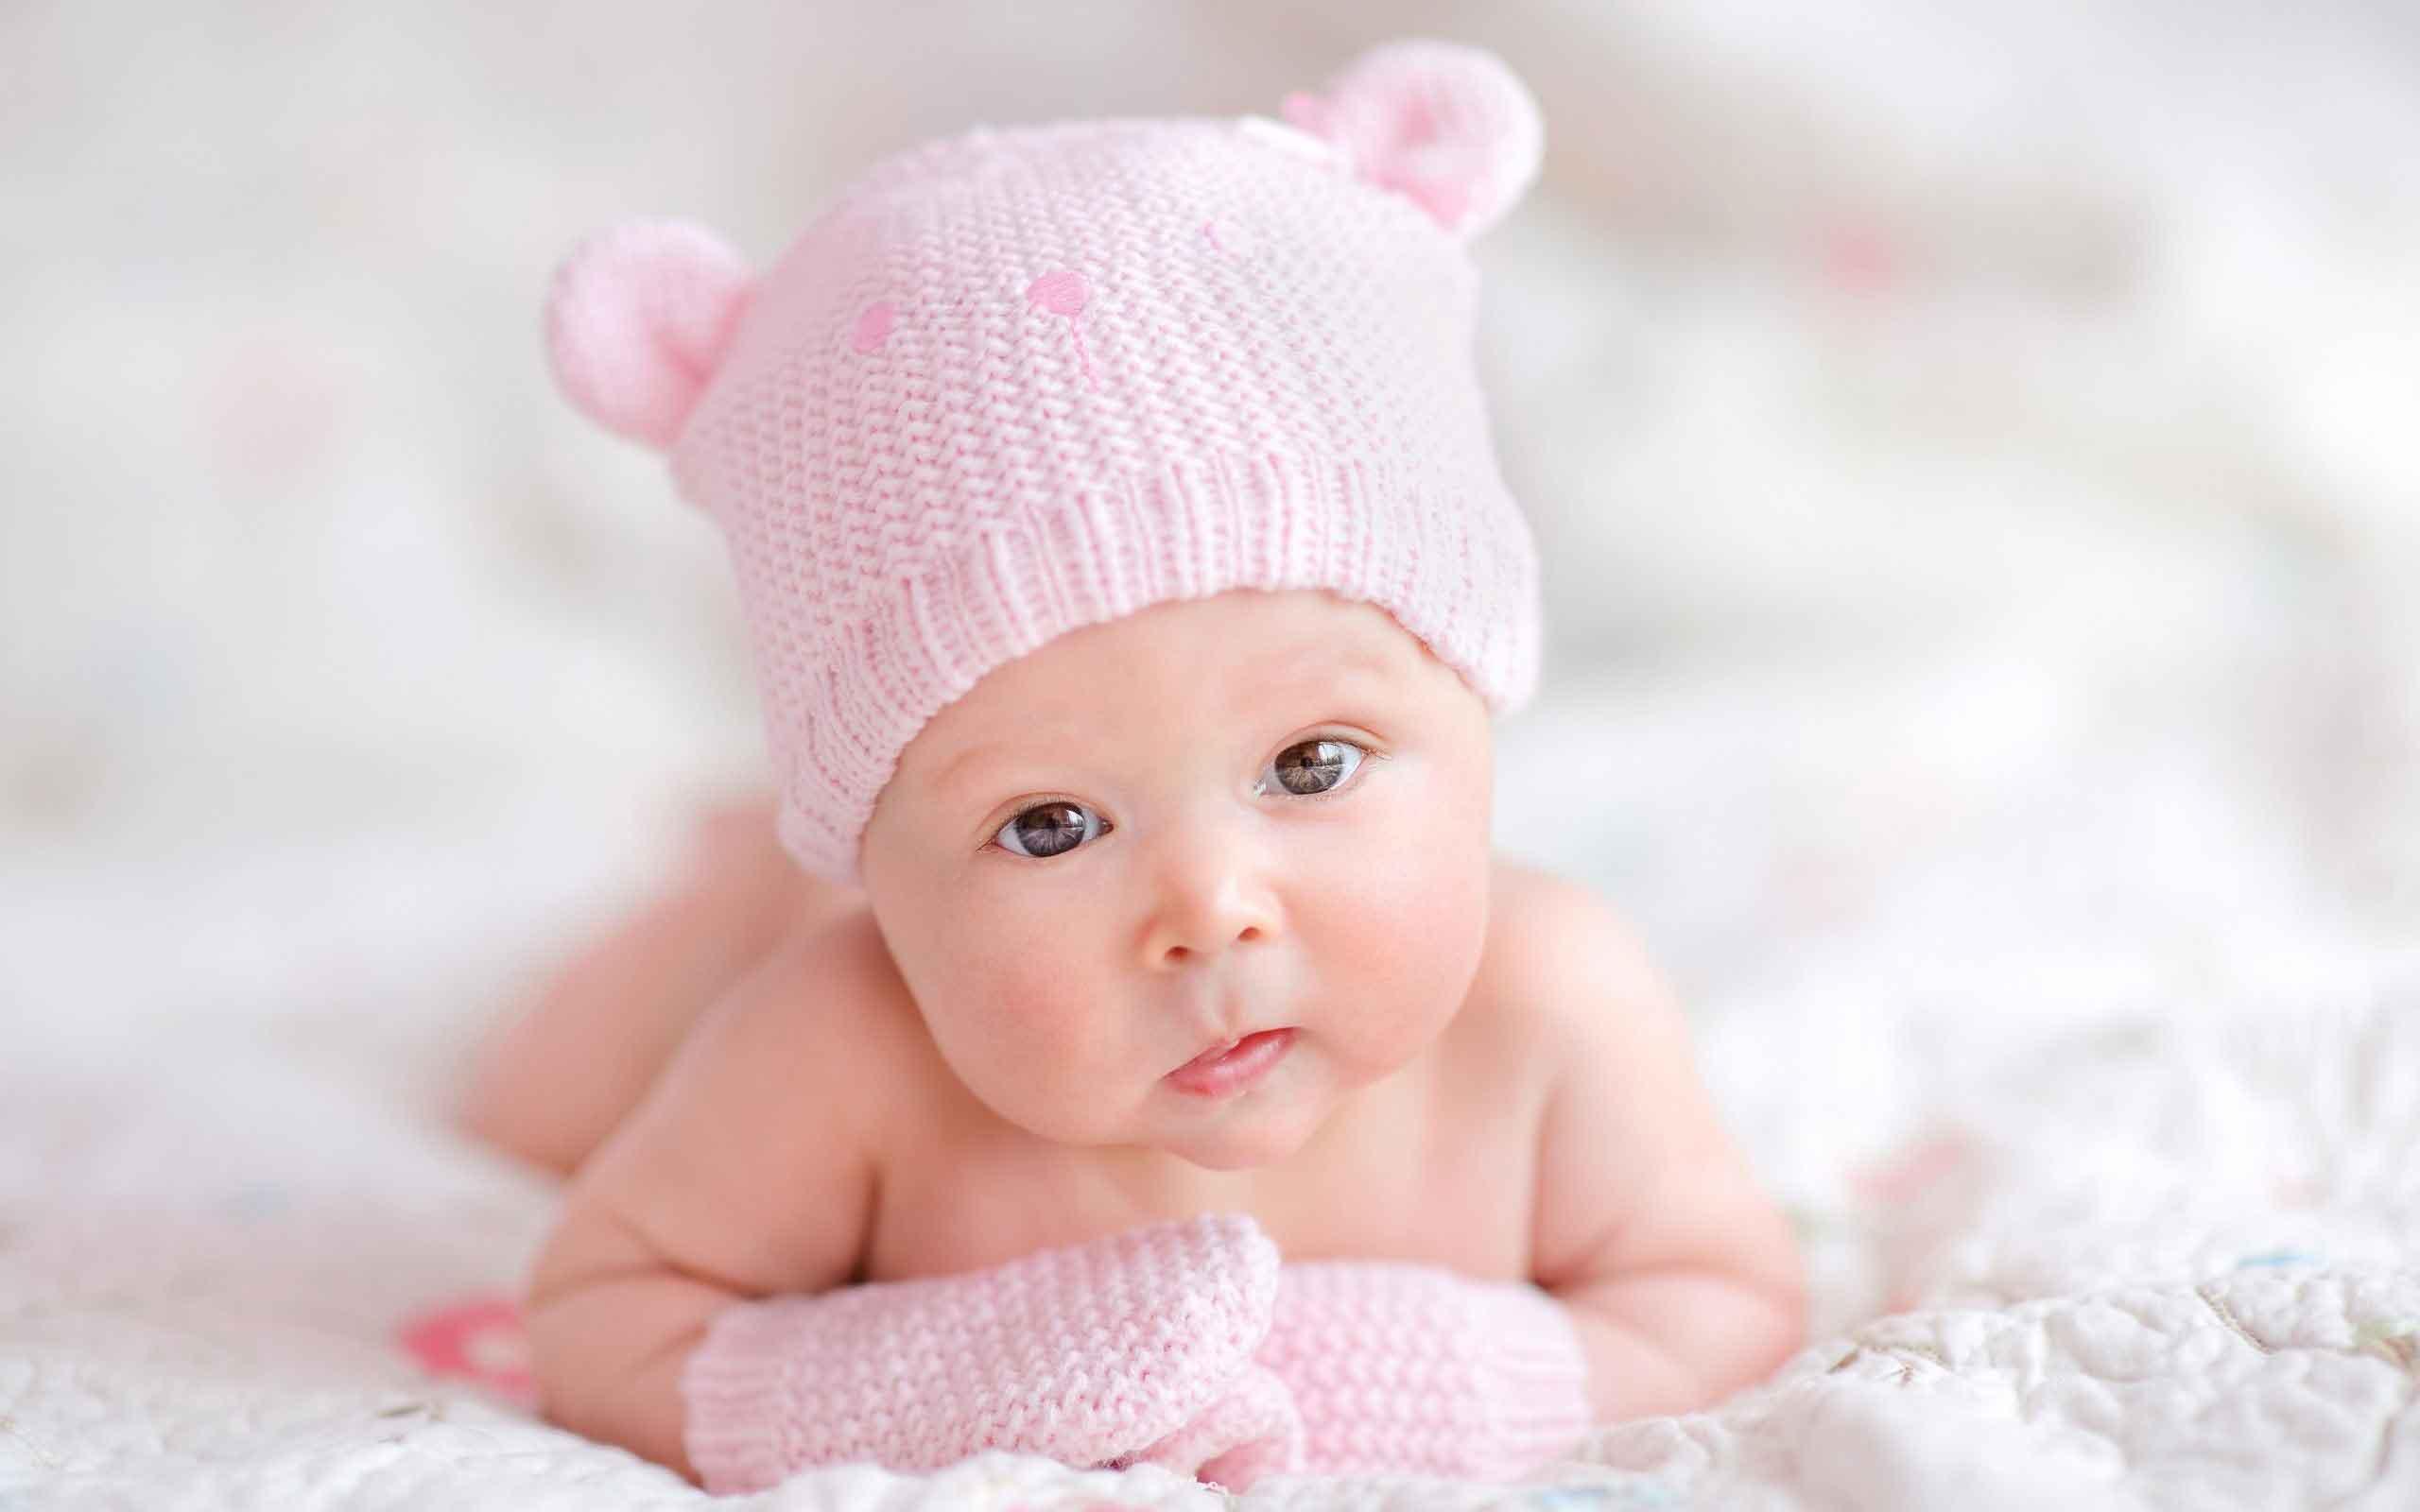 Rüyada 9 bebek görmek 9